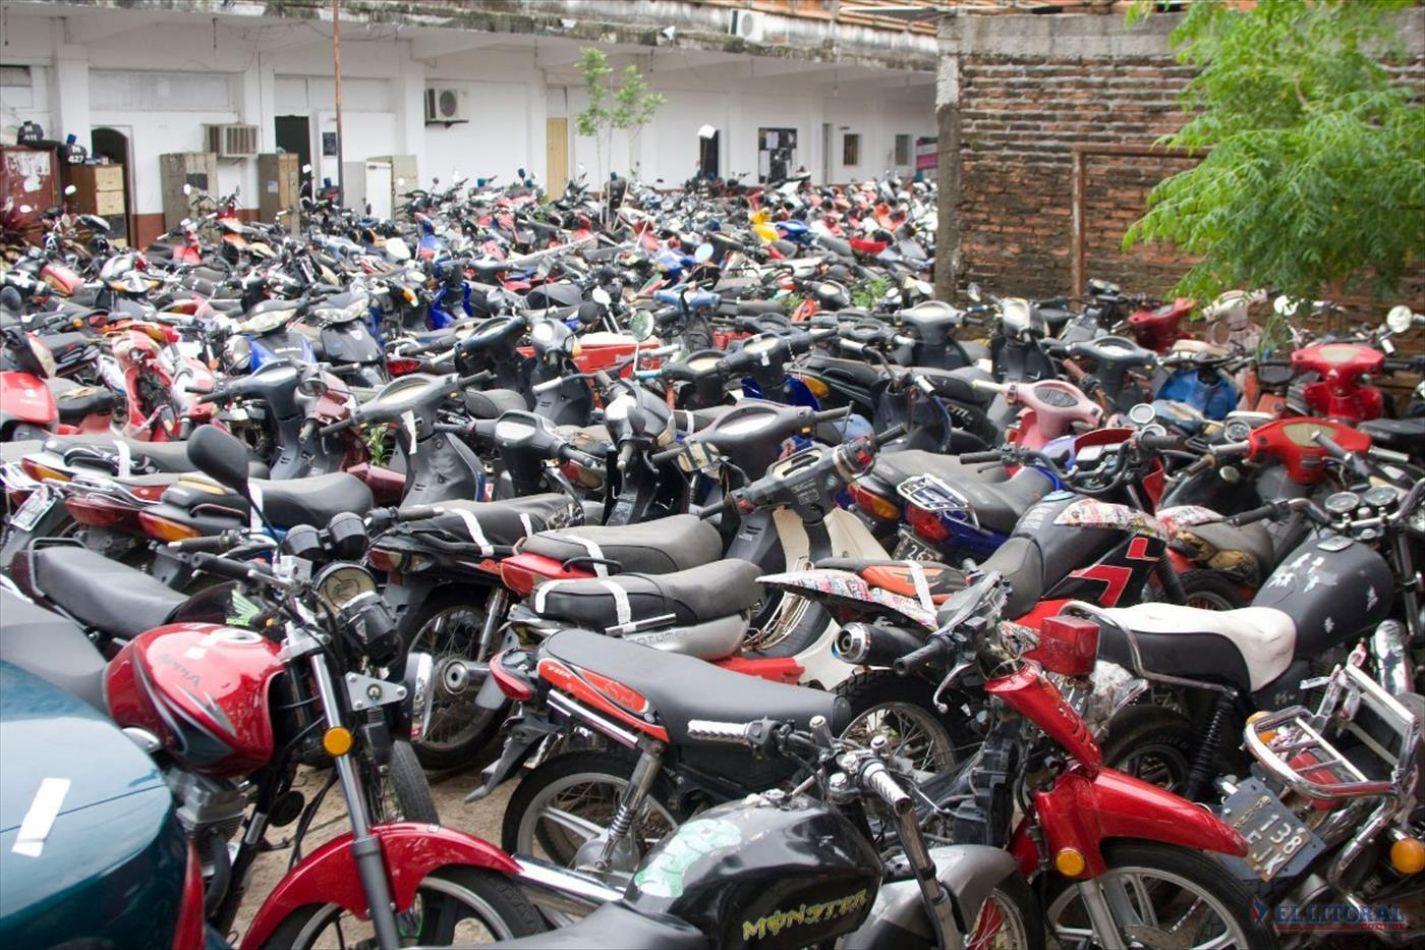 motos-y-autos.jpg